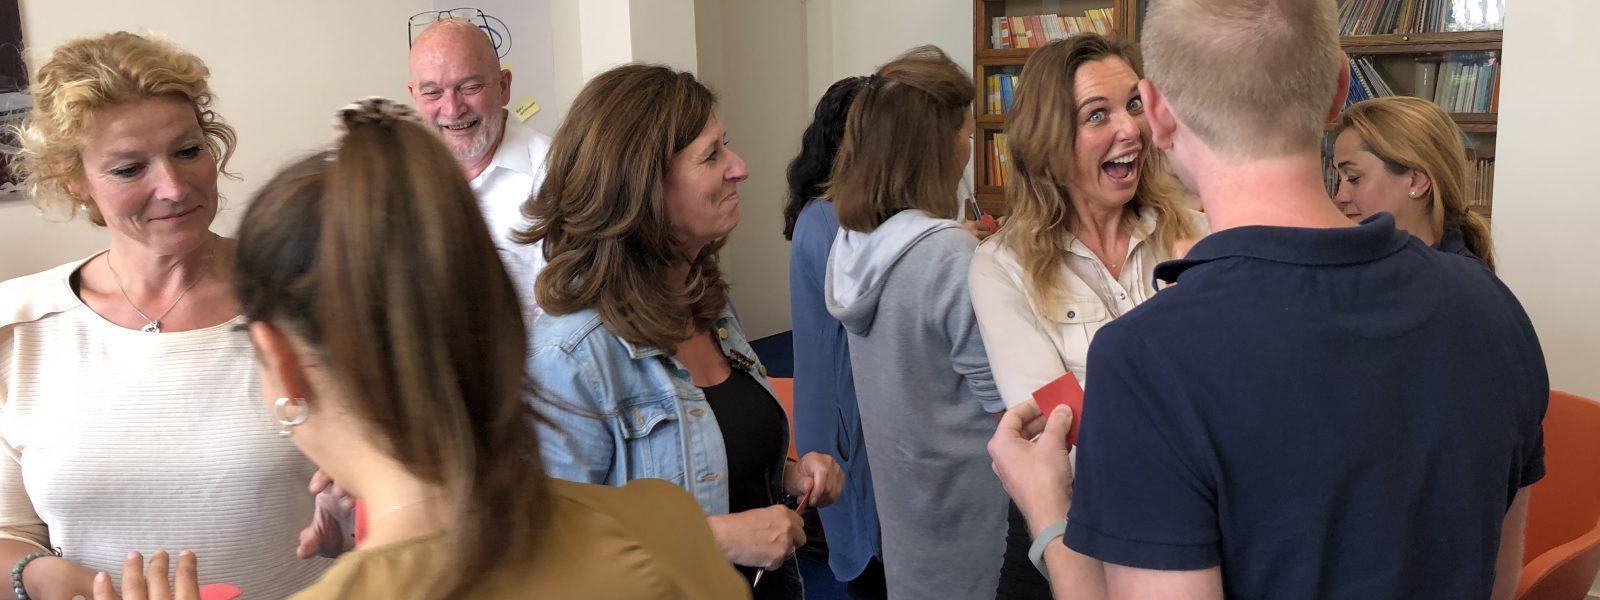 Mondriaan School voor Administriatie_2019_07_05 001